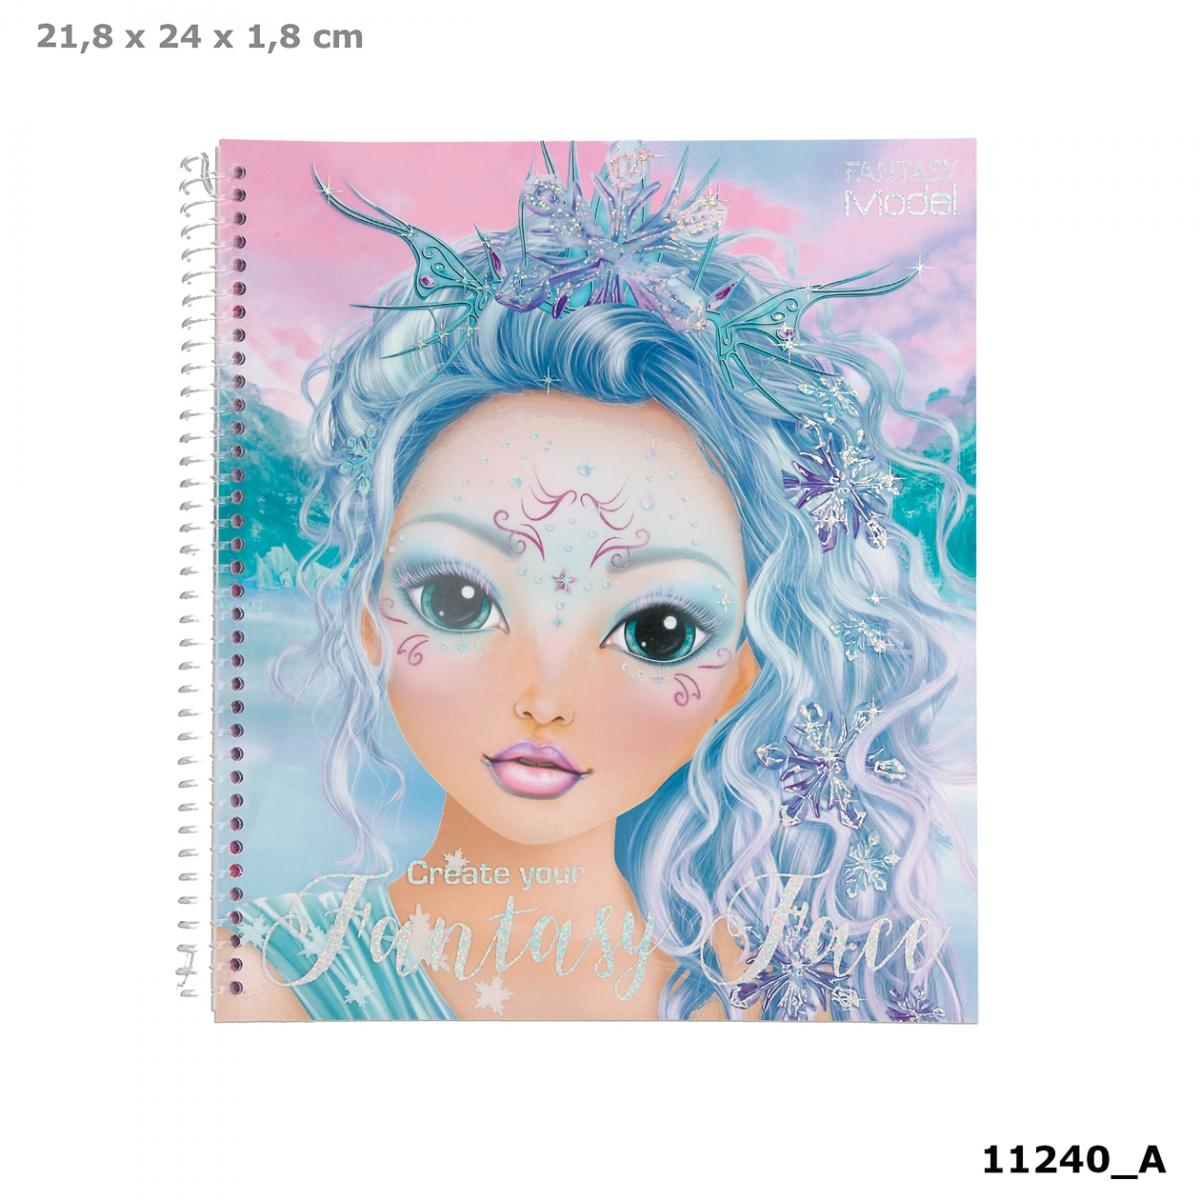 Top Model Fantasy Face Colouring Book